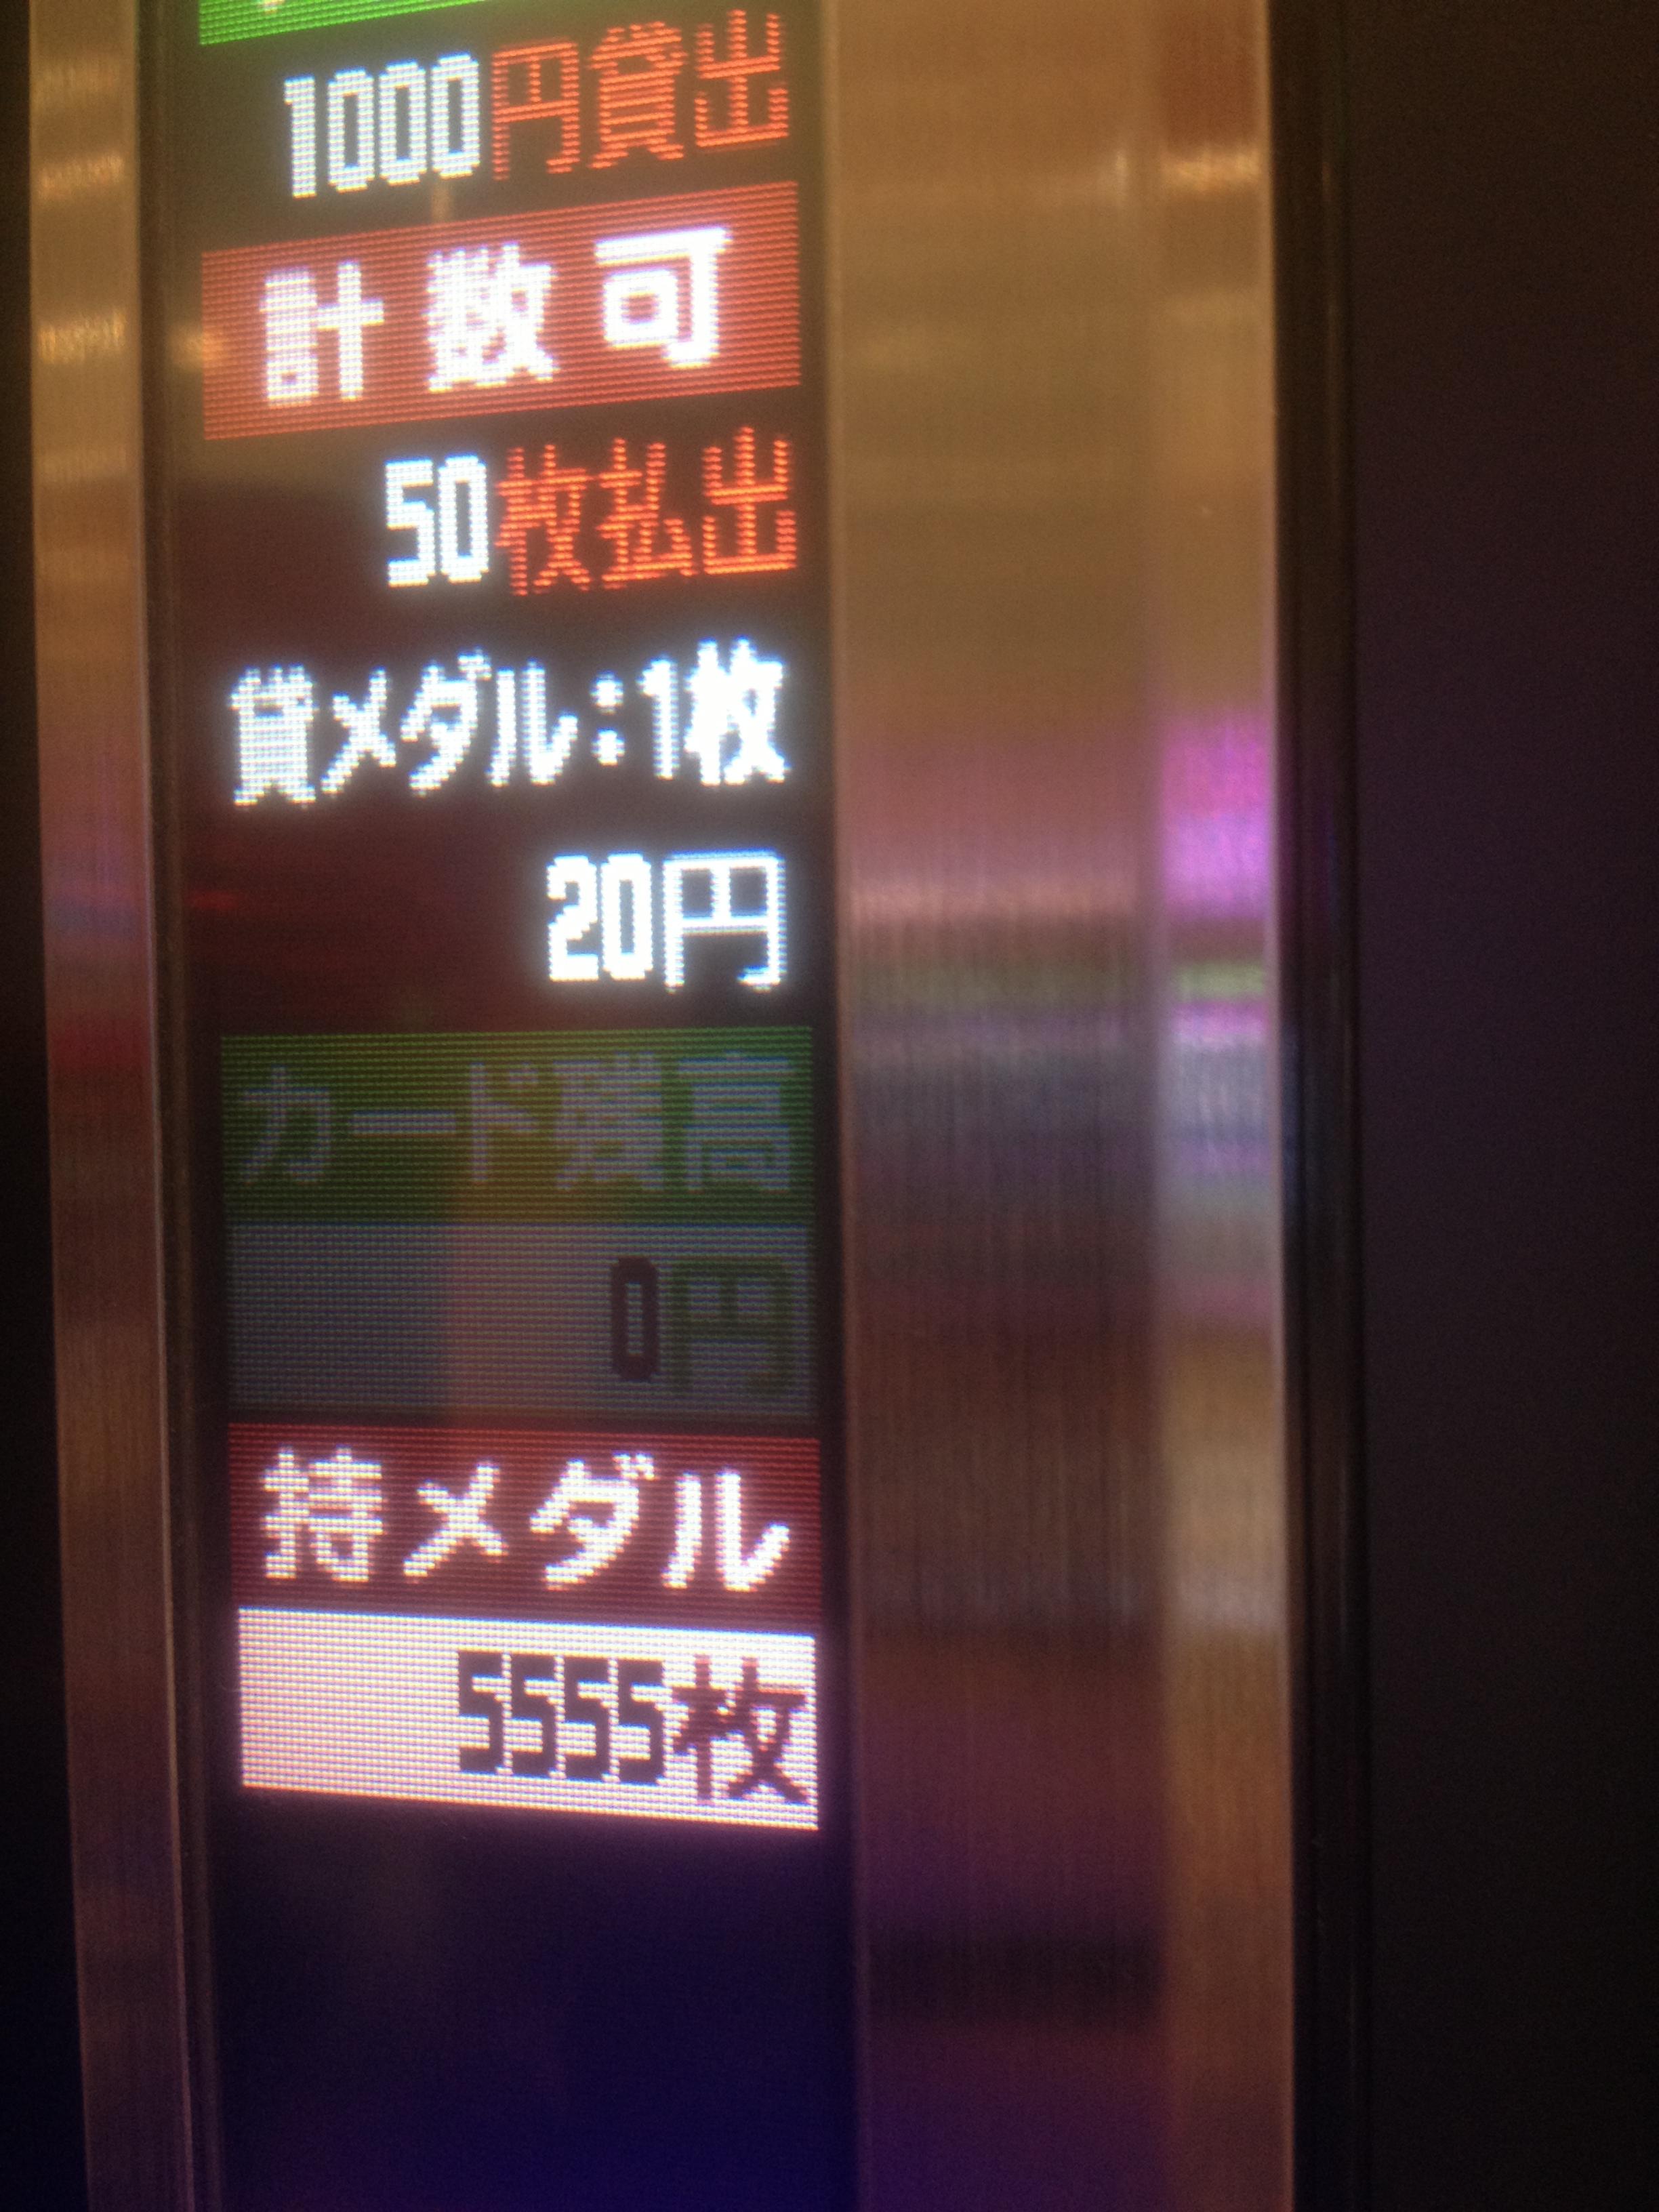 113.jpg